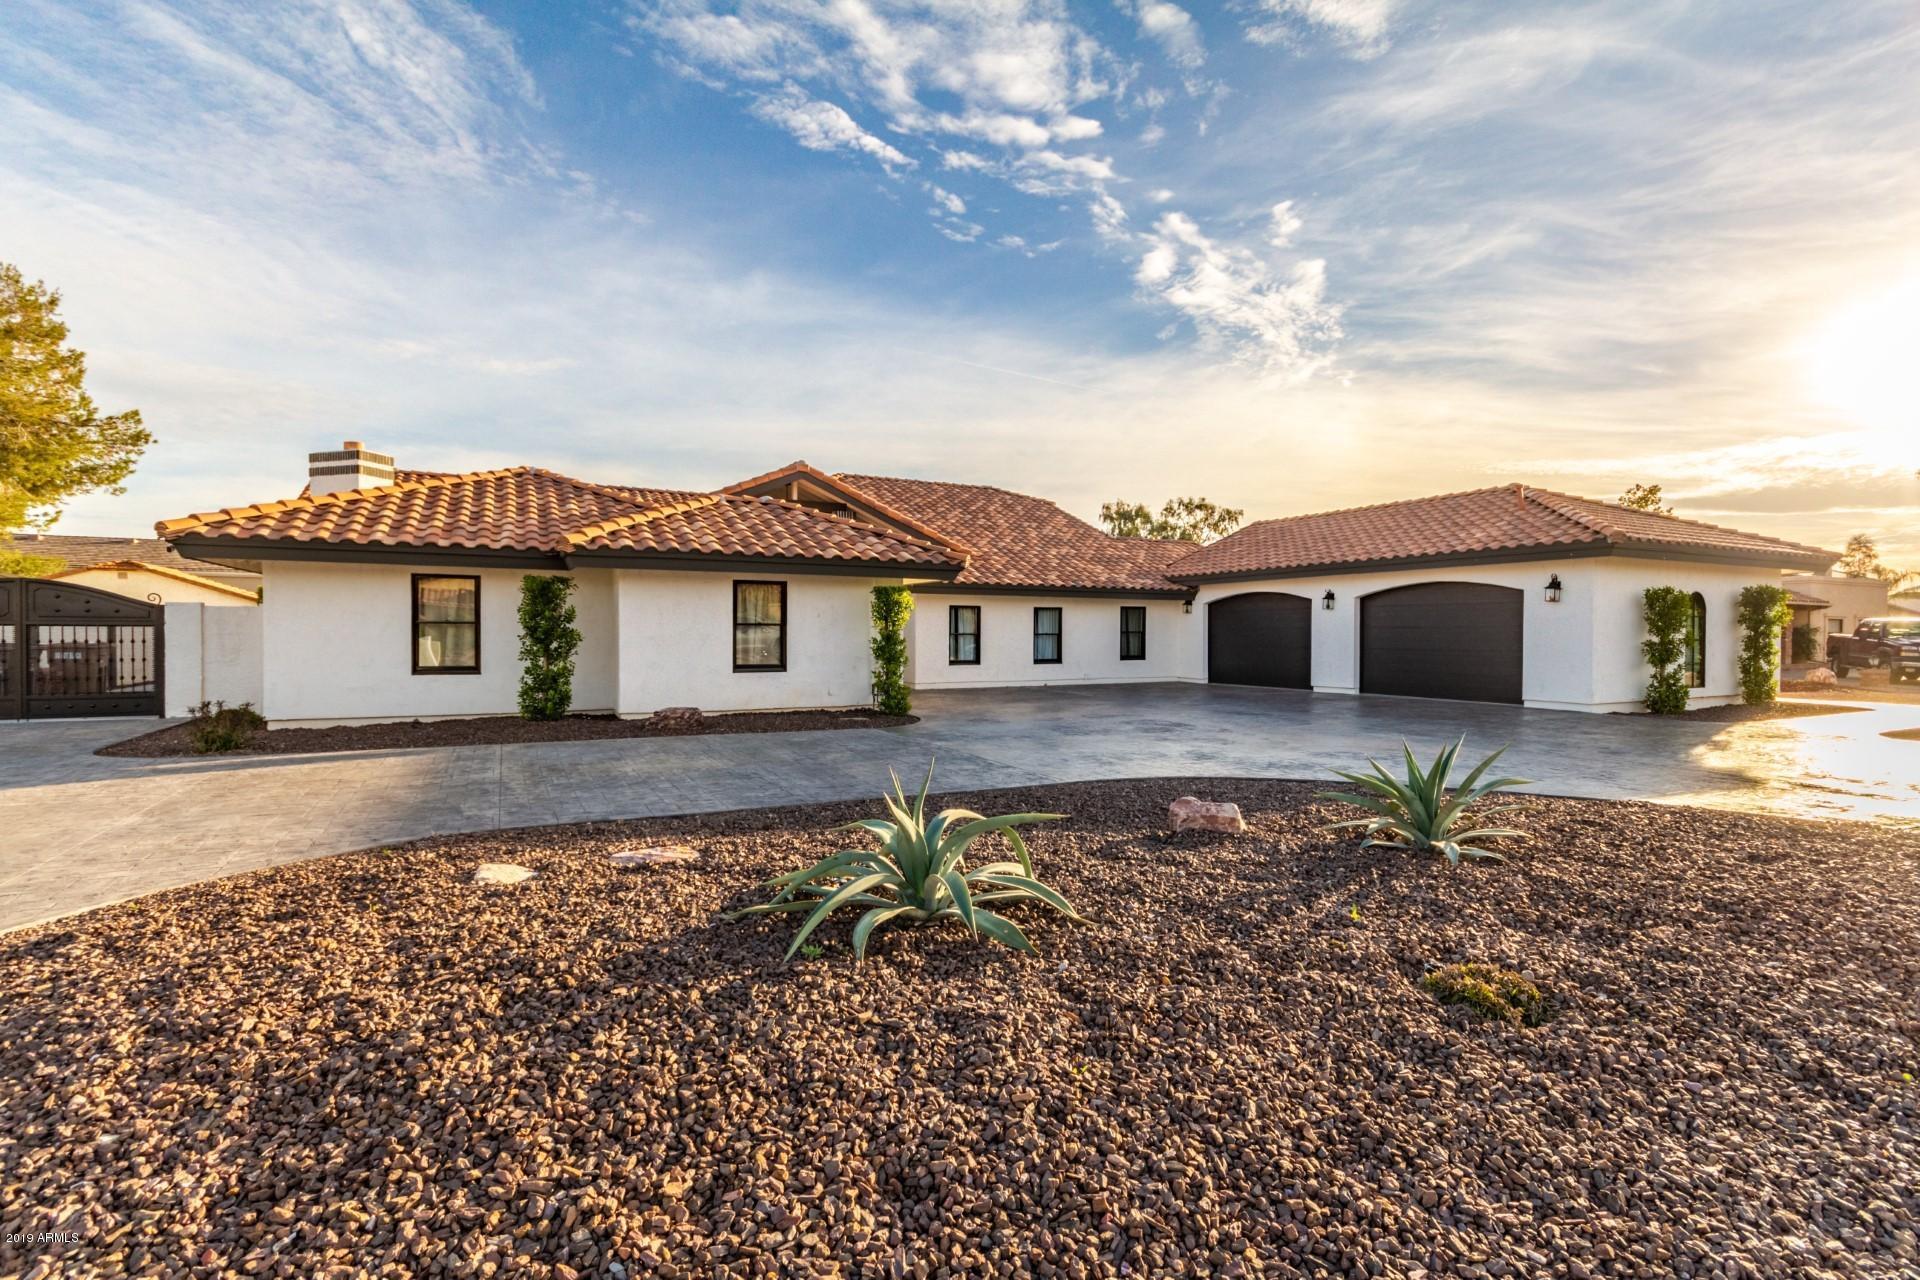 Photo of 7041 W Willow Avenue, Peoria, AZ 85381